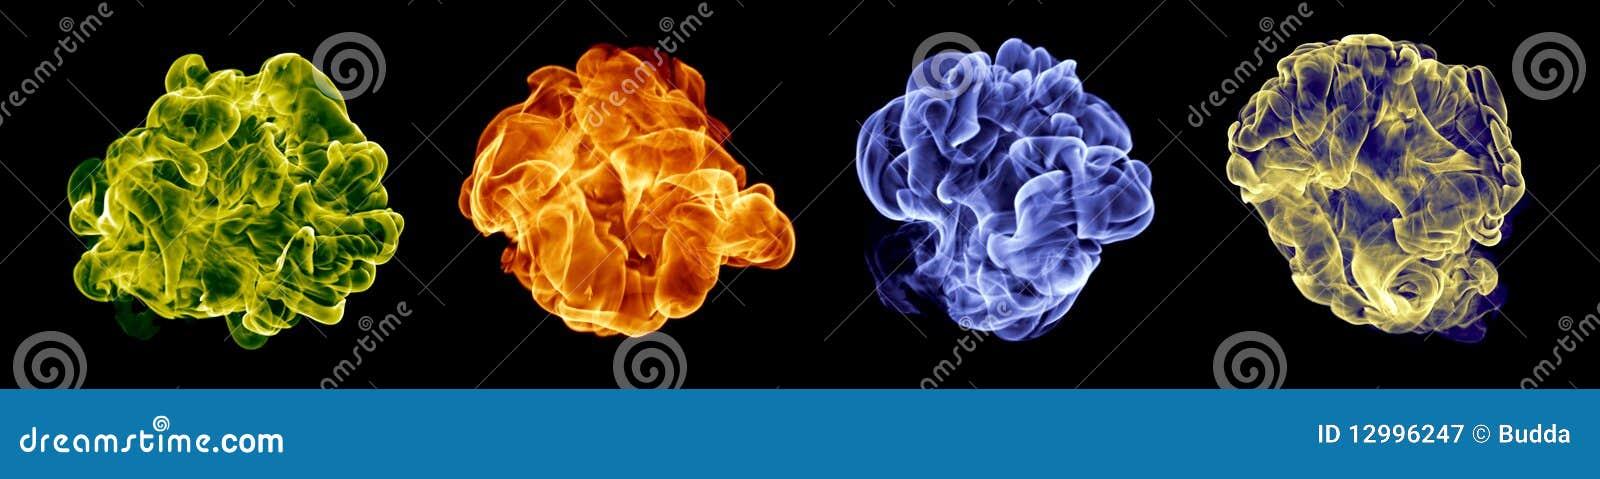 Color fire set